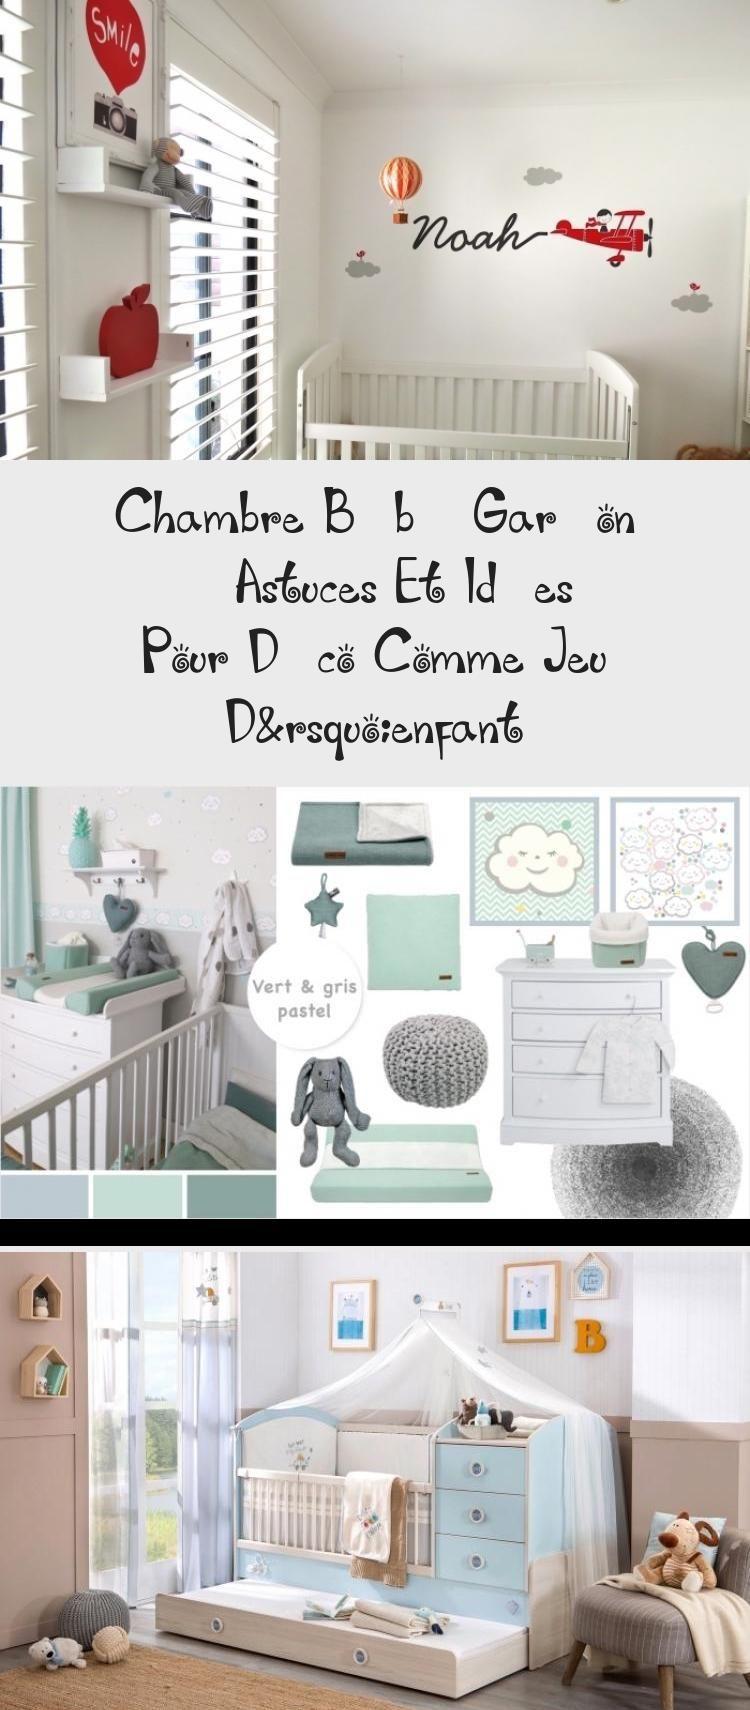 100 Incroyable Suggestions Decoration De Chambre Pour Bebe Garcon